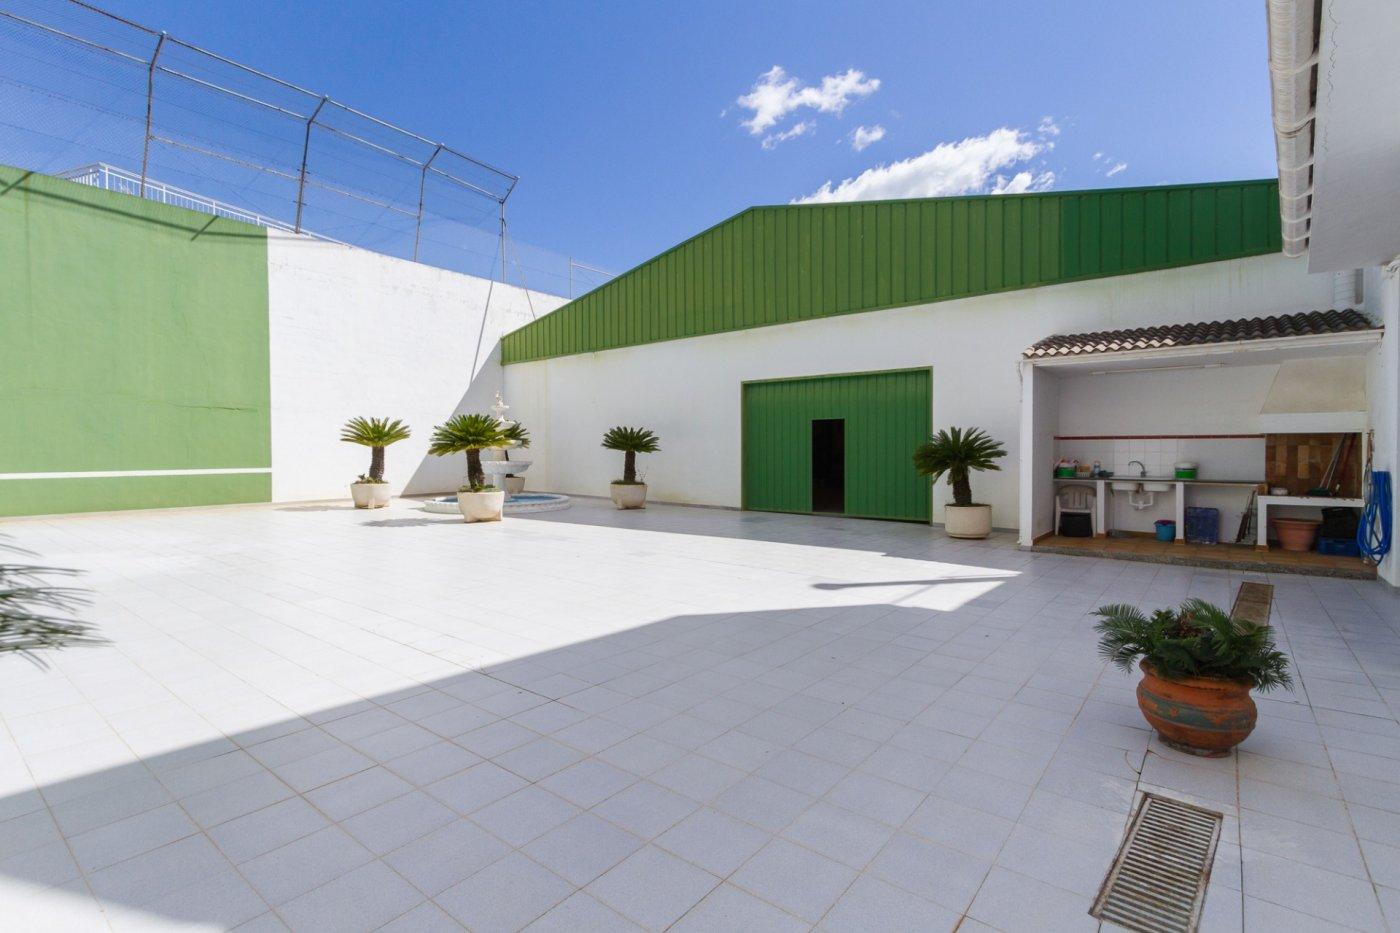 Gran casa en gandia de 800 m2 con casa de verano y nave de 300m2 - imagenInmueble16